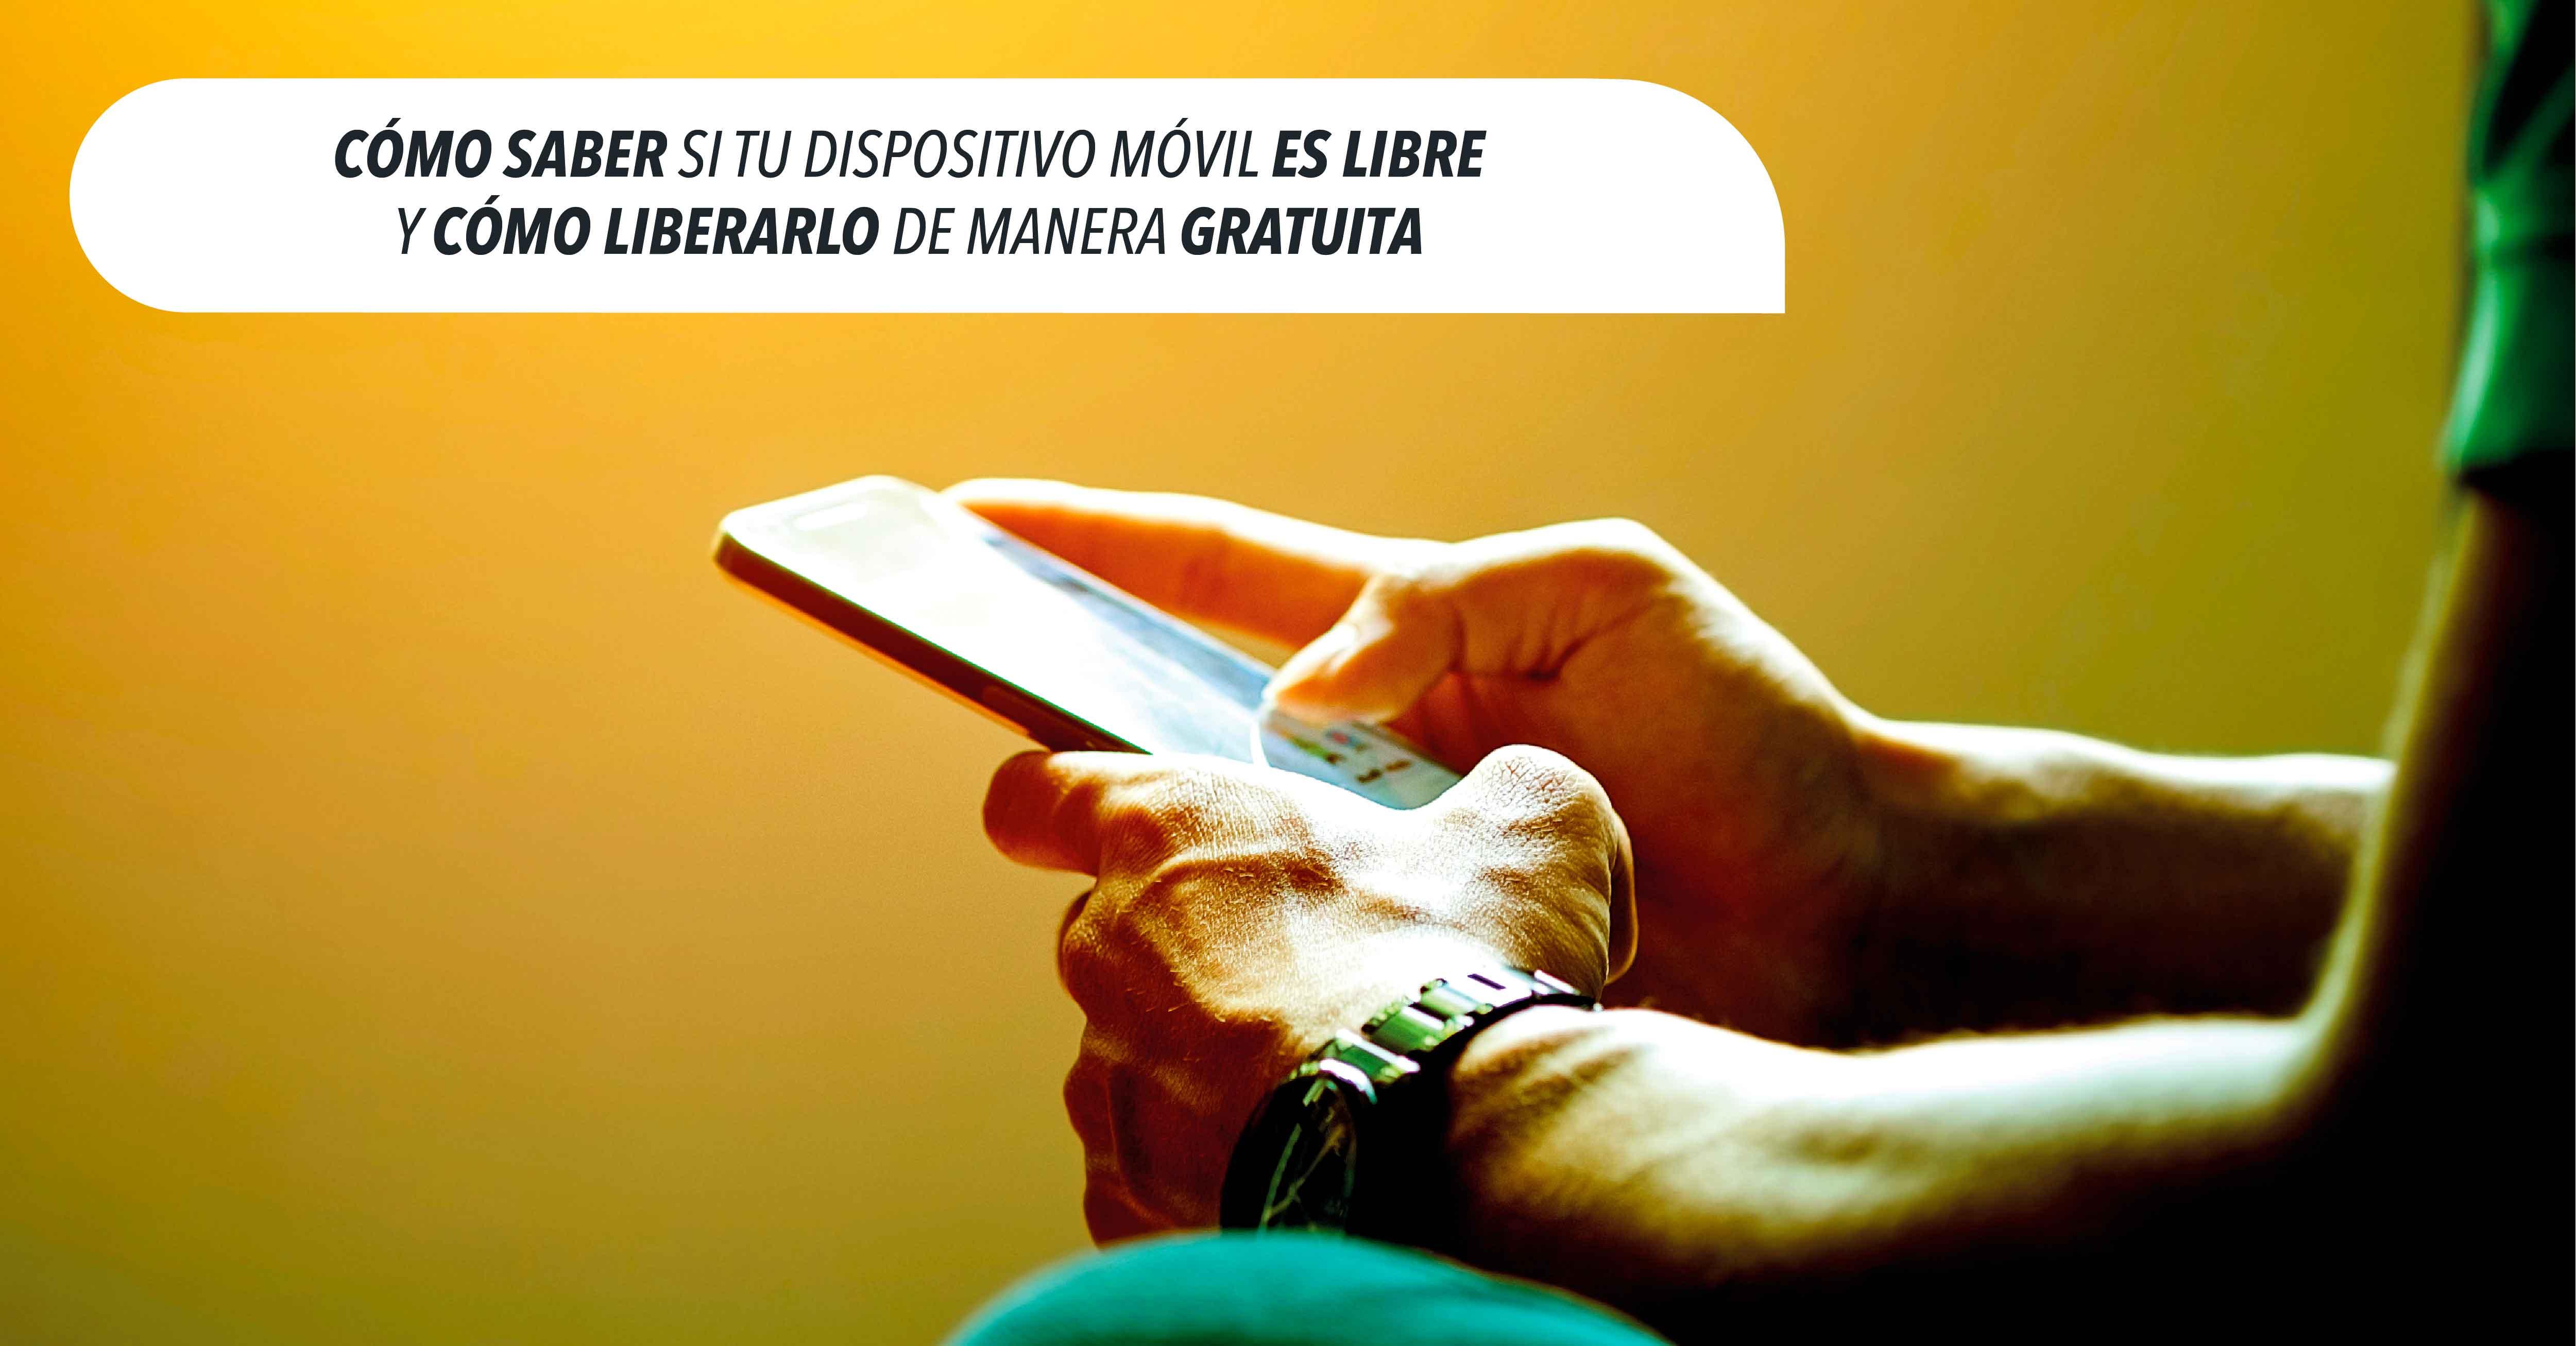 Cómo saber si tu dispositivo móvil es libre y cómo liberarlo de manera gratuita